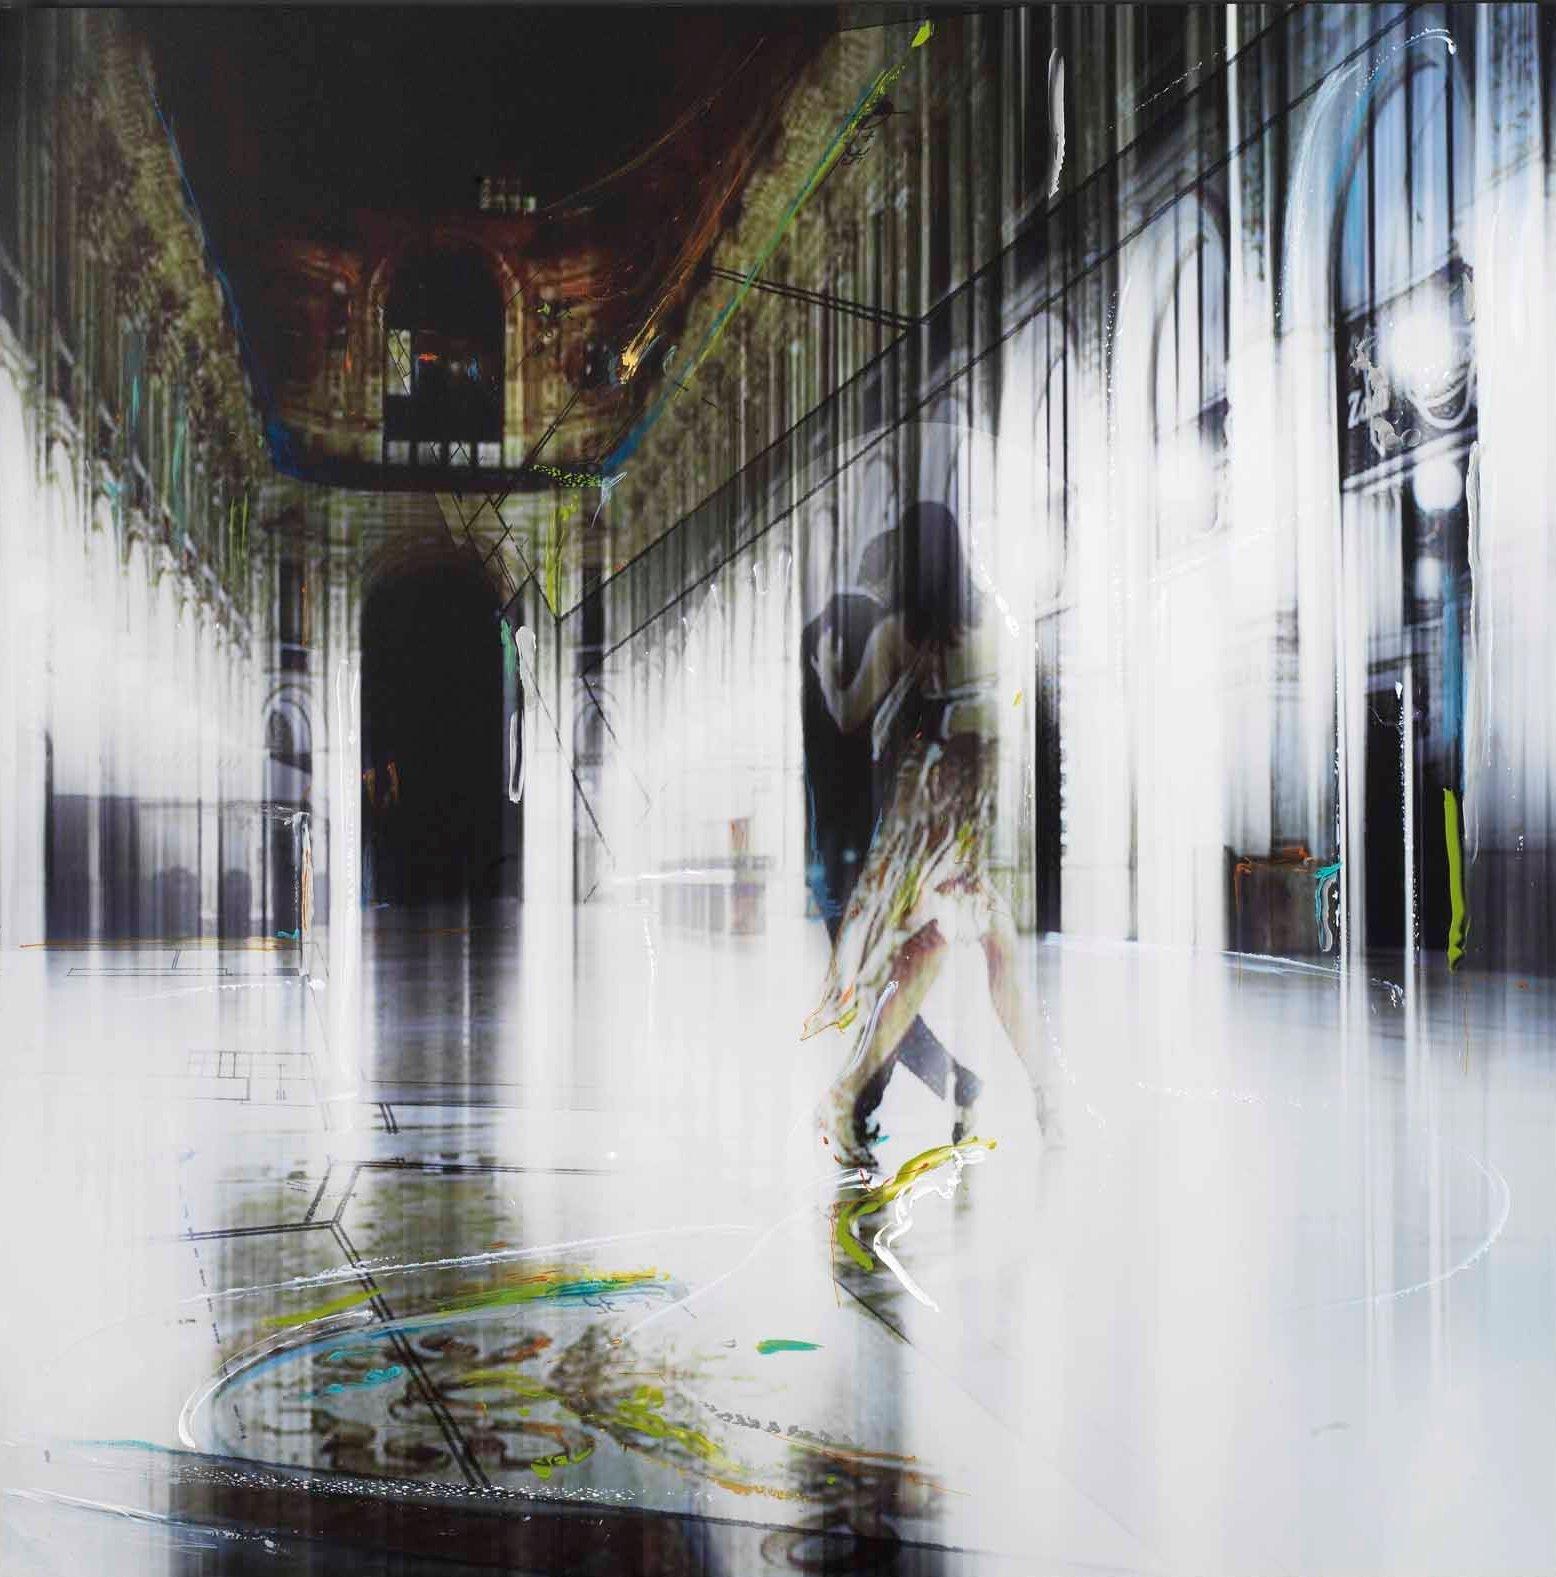 L'opera di Serafino Maiorano in mostra da domani a Cortona